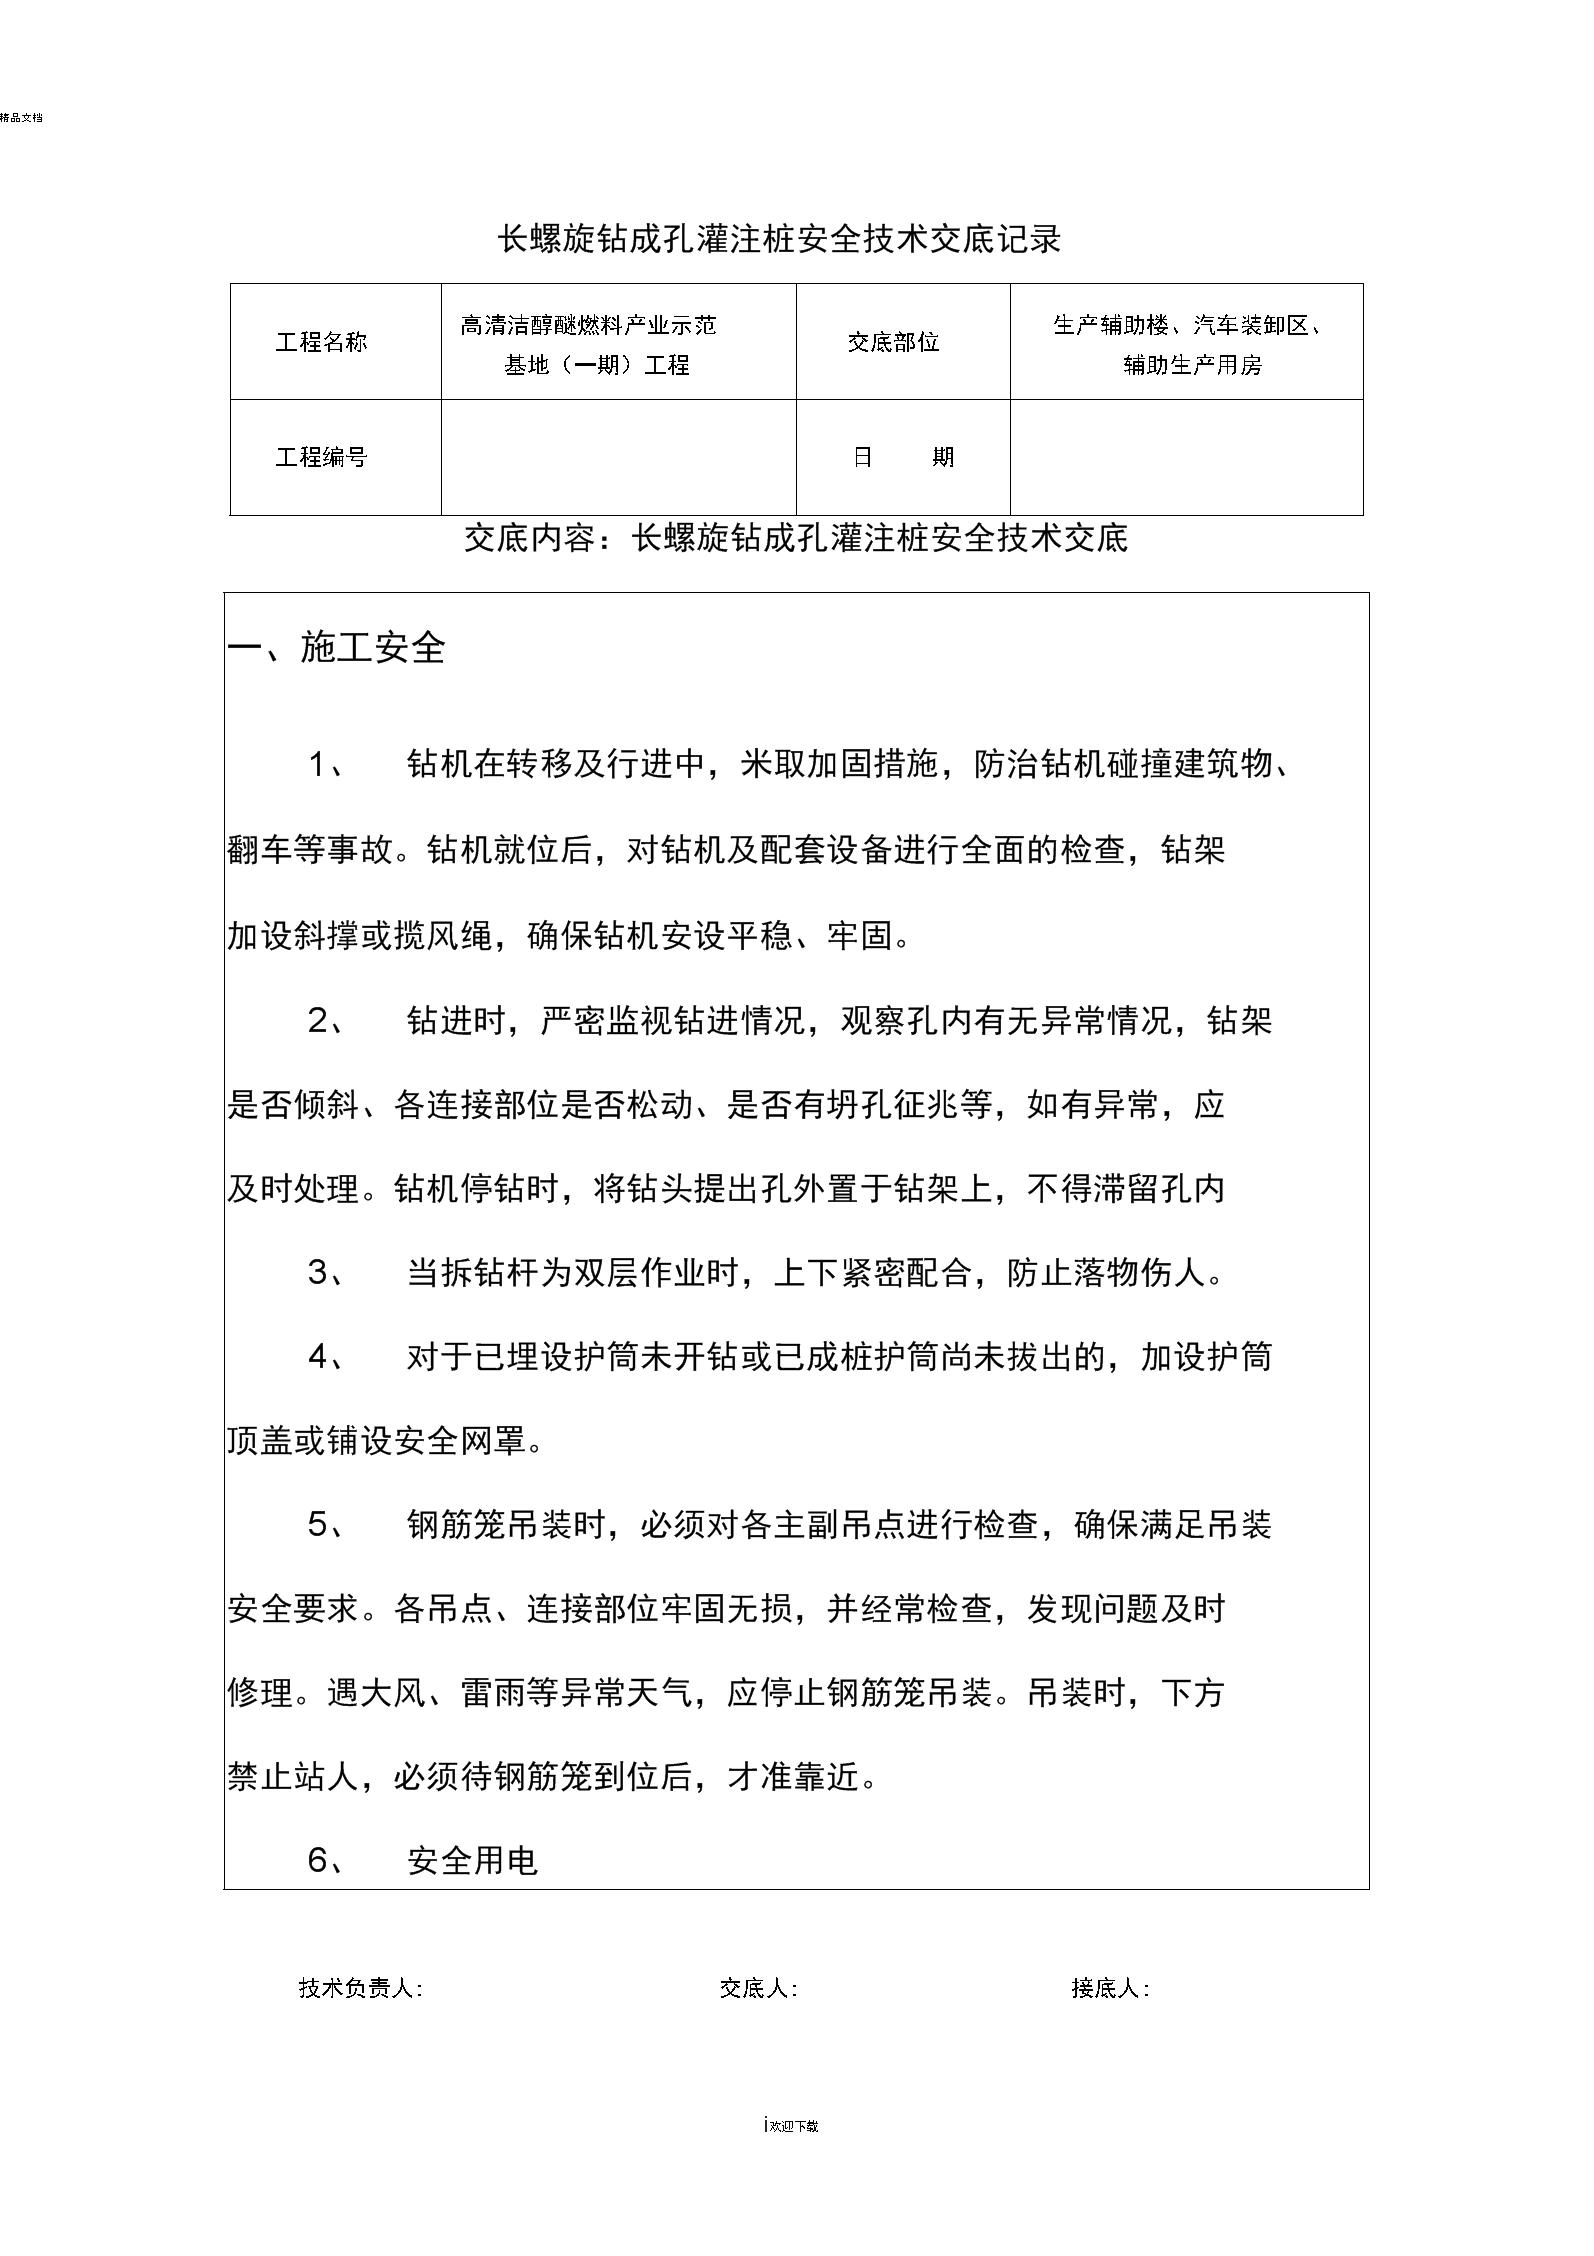 长螺旋钻成孔灌注桩安全技术交底.docx